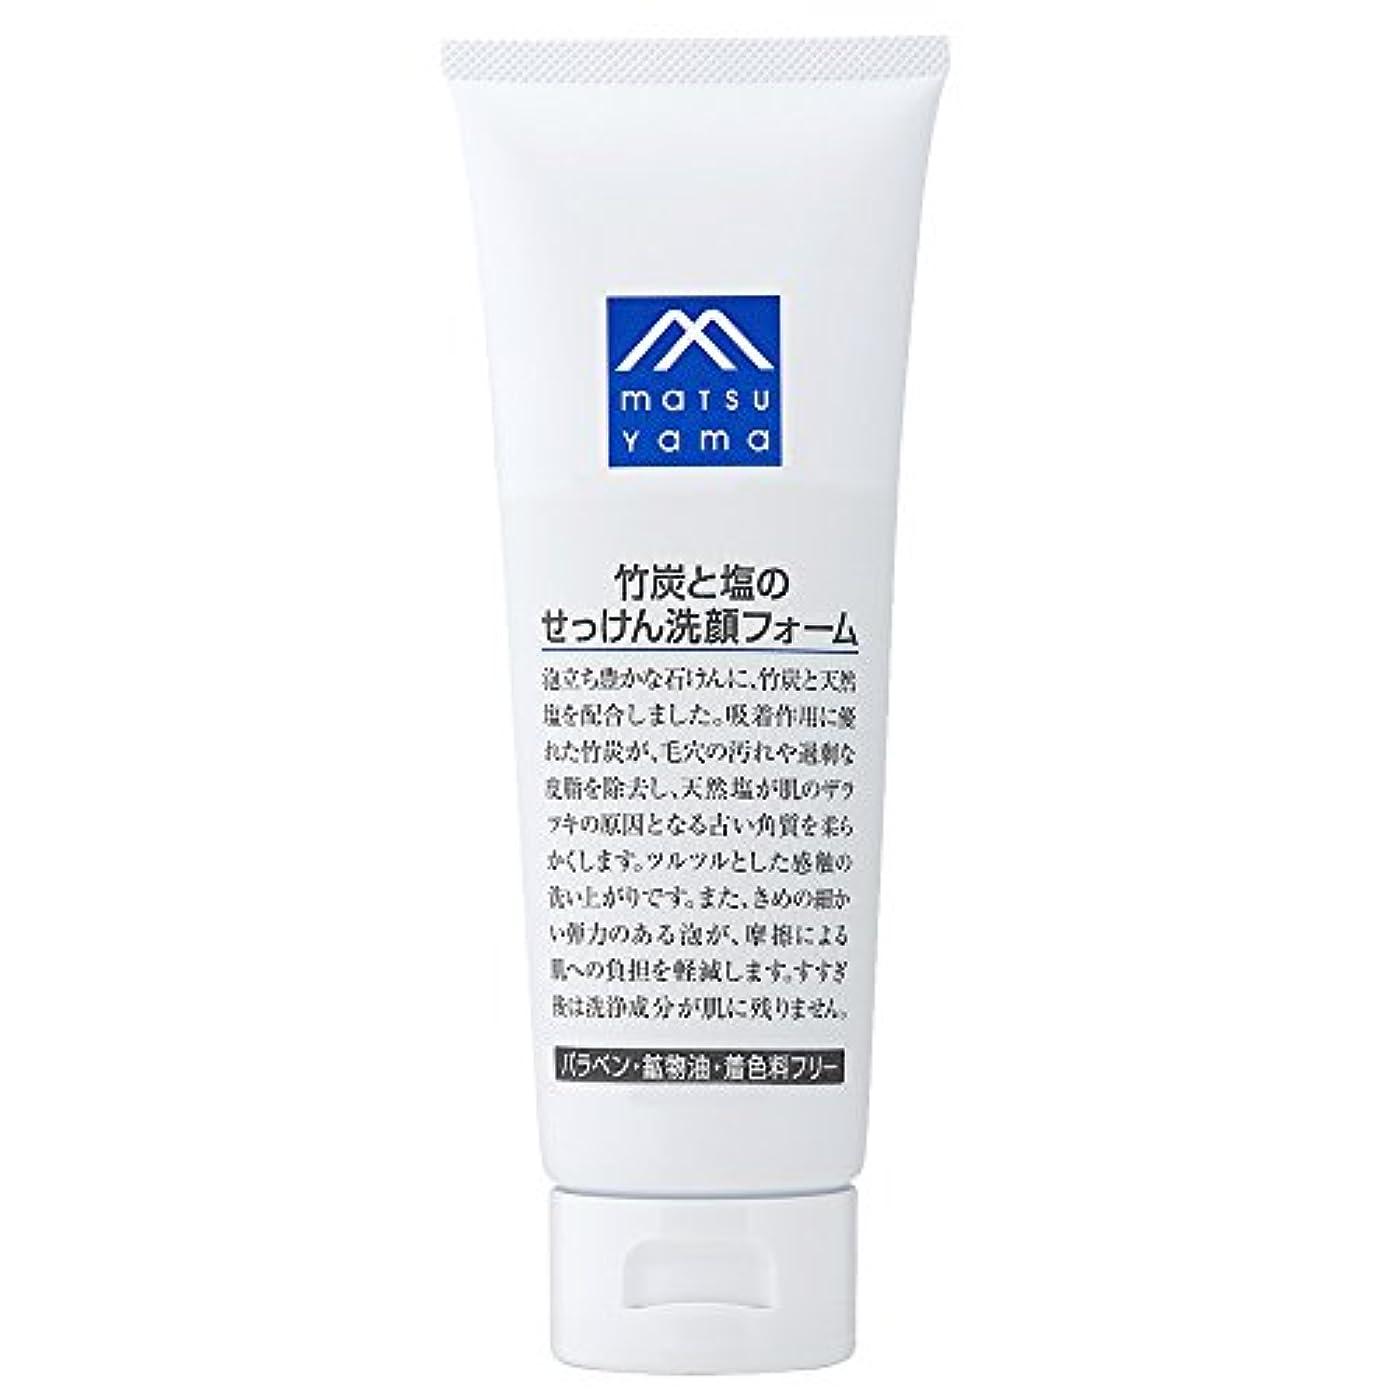 注目すべきミルク汚れるM-mark 竹炭と塩のせっけん洗顔フォーム